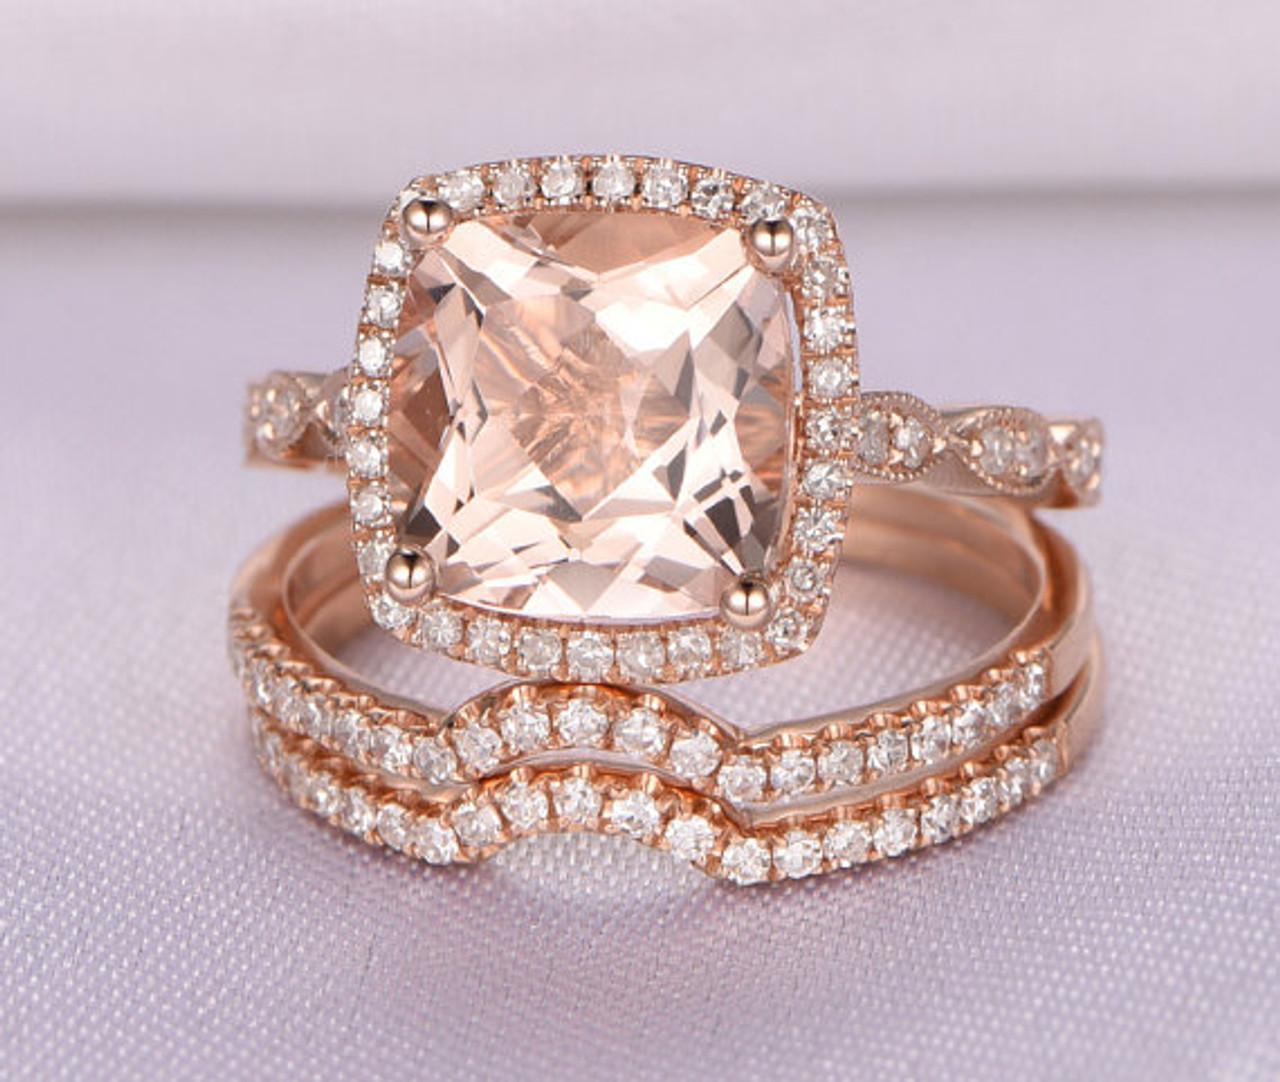 Morganite Wedding Ring SetRose gold morganite engagement ring8x8mm